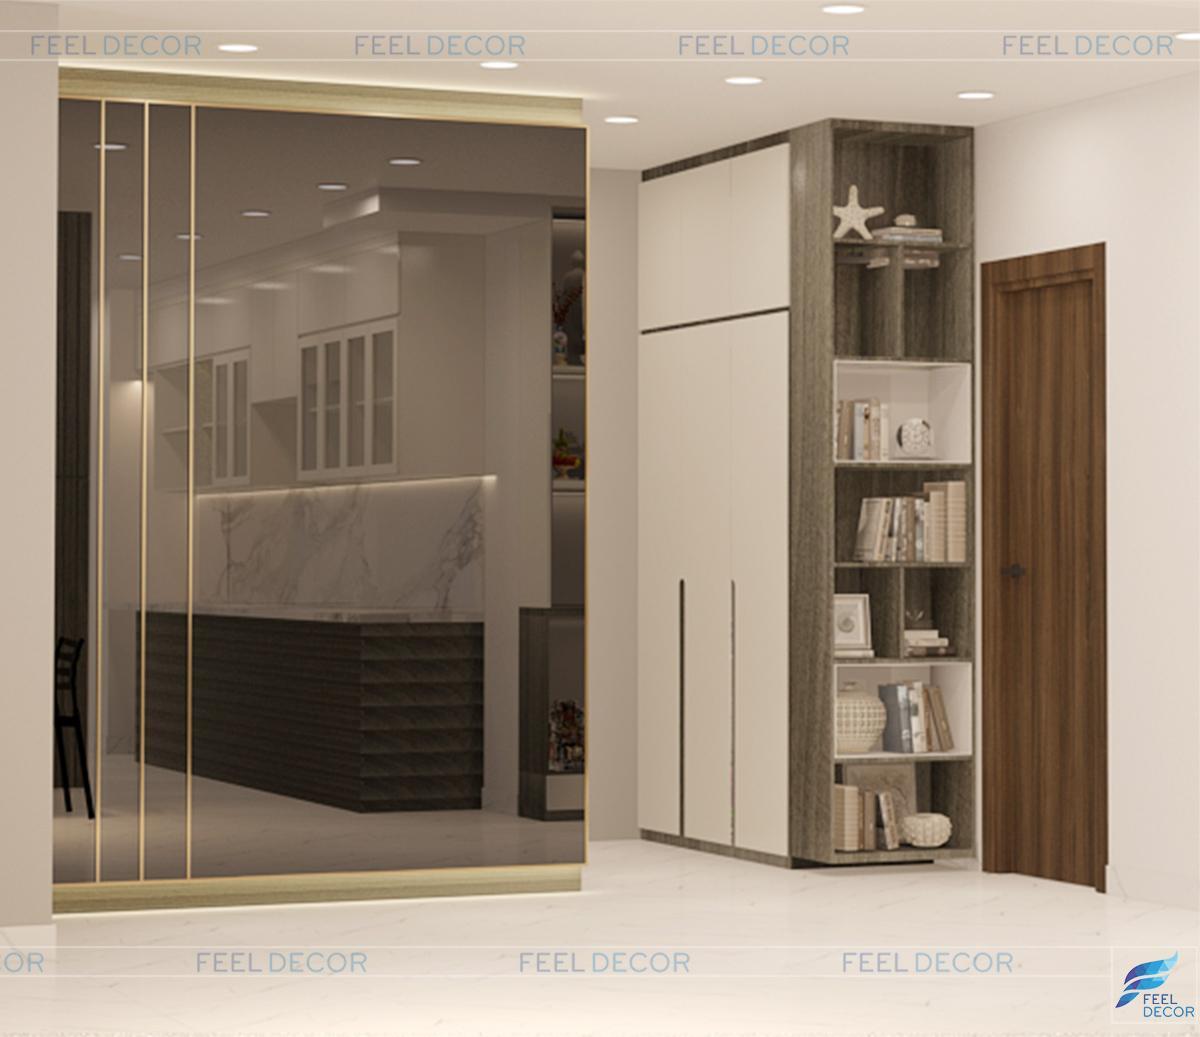 Thiết kế thi công nội thất căn hộ 92m2 chung cư Hà Đô Centrosa Garden